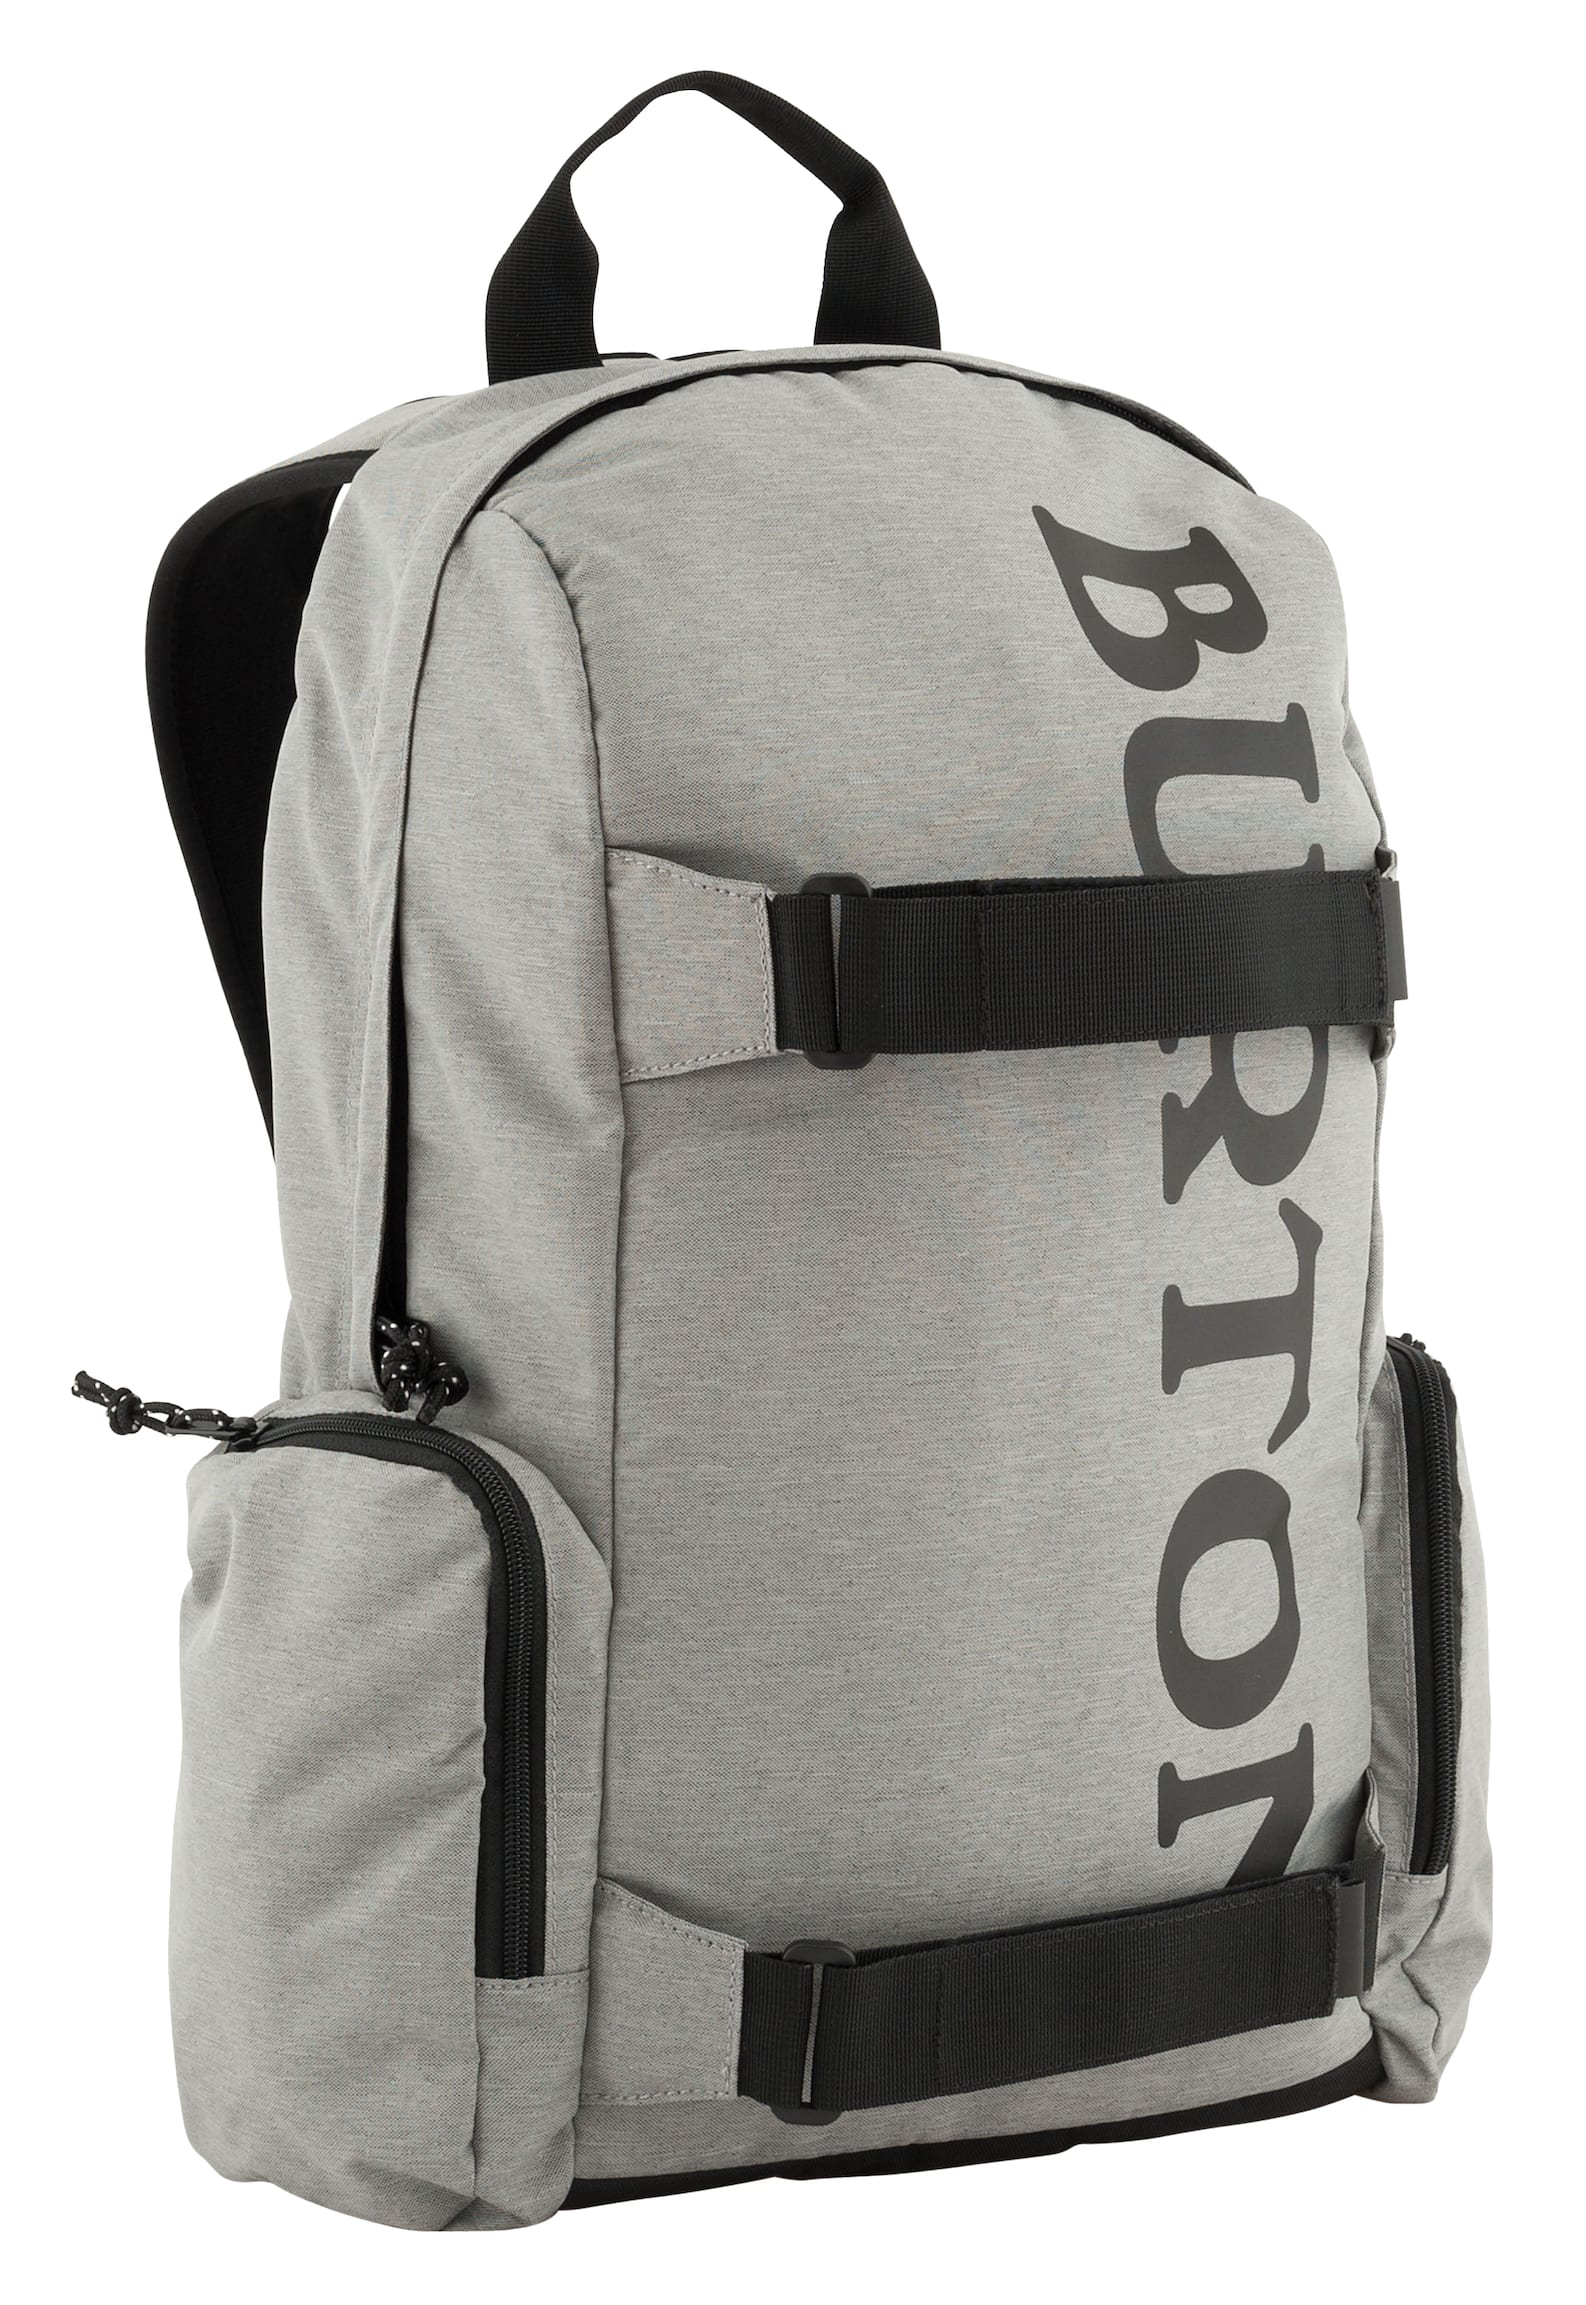 83e54e911125c Backpacks